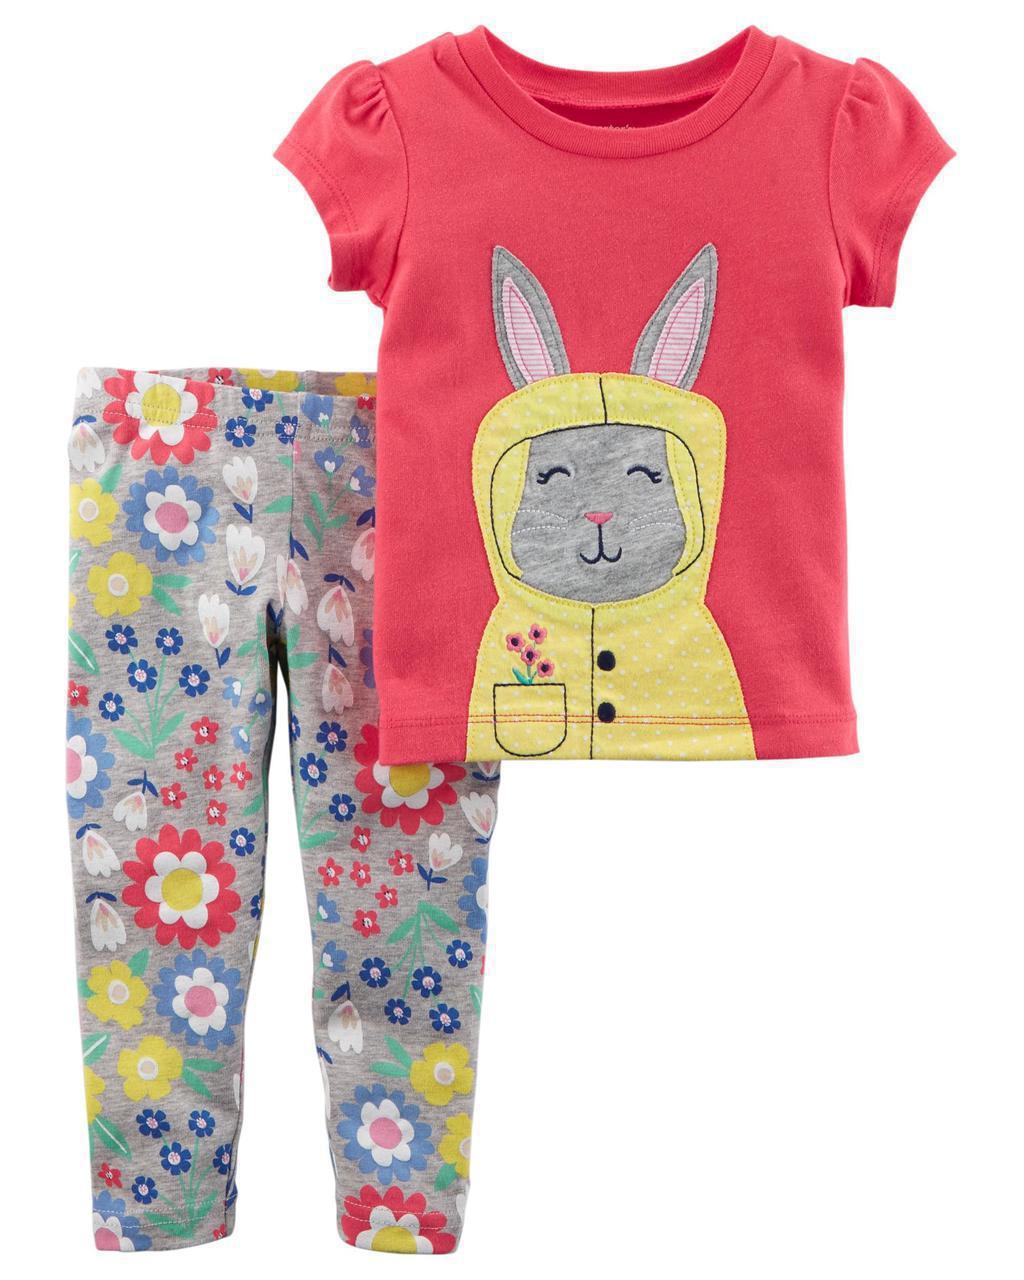 Леггинсы + футболка Carters для девочки 3 мес 55-61 см. Комплект двойка